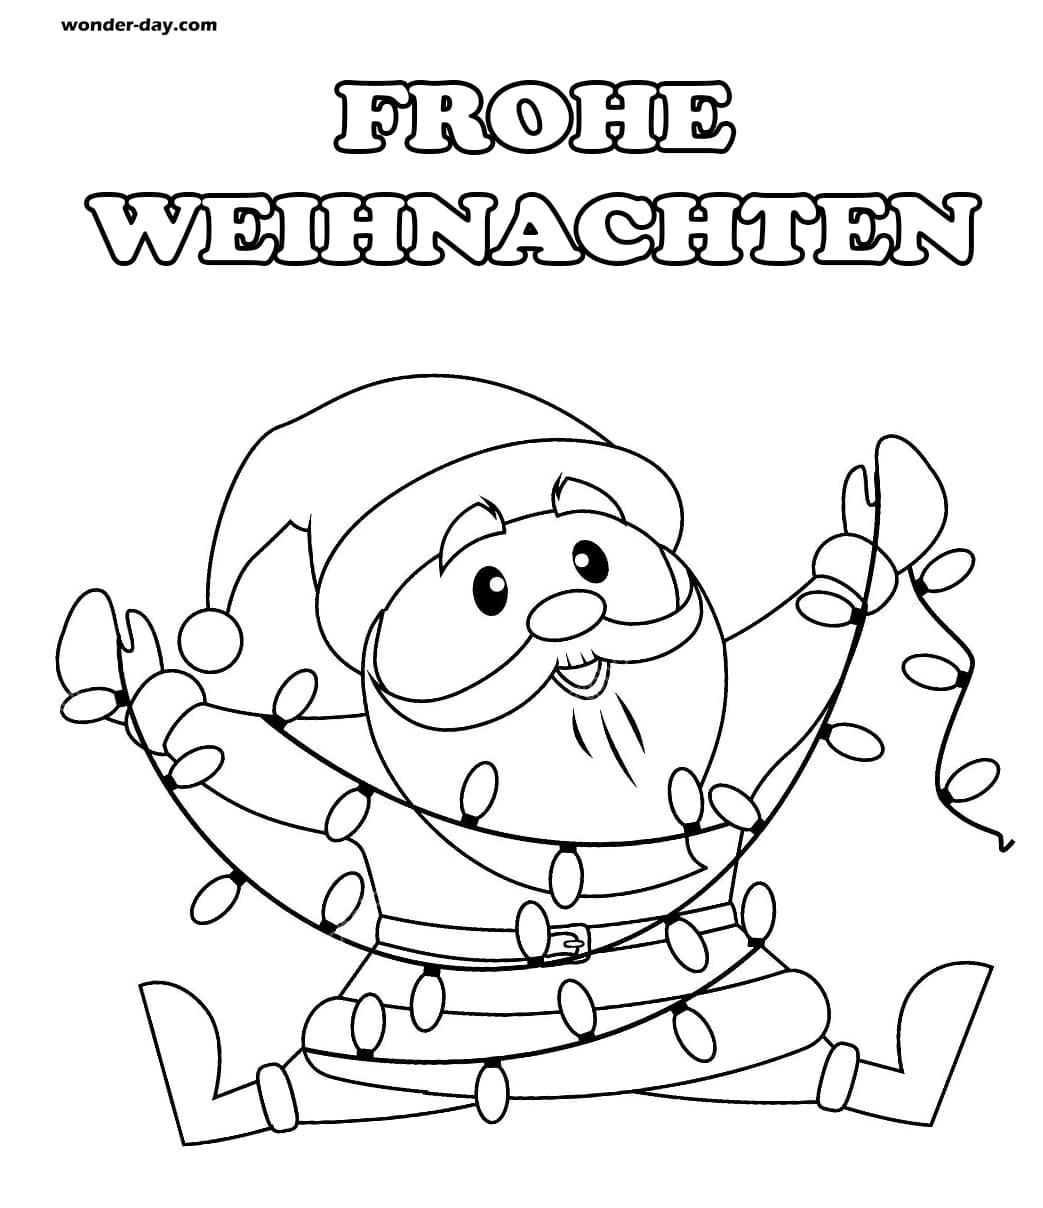 Ausmalbilder Weihnachtsmann. Kostenlos drucken